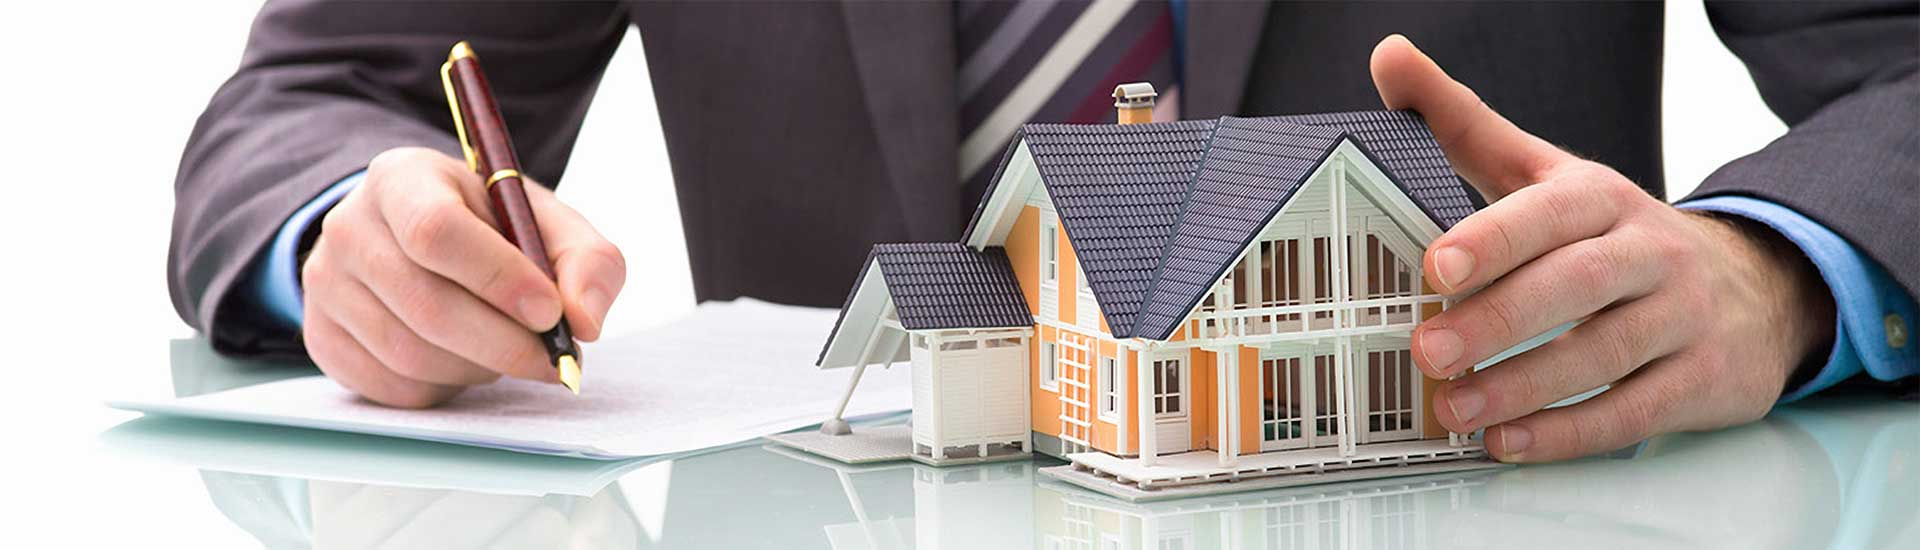 Более 10 лет на рынке недвижимости г. Асбеста